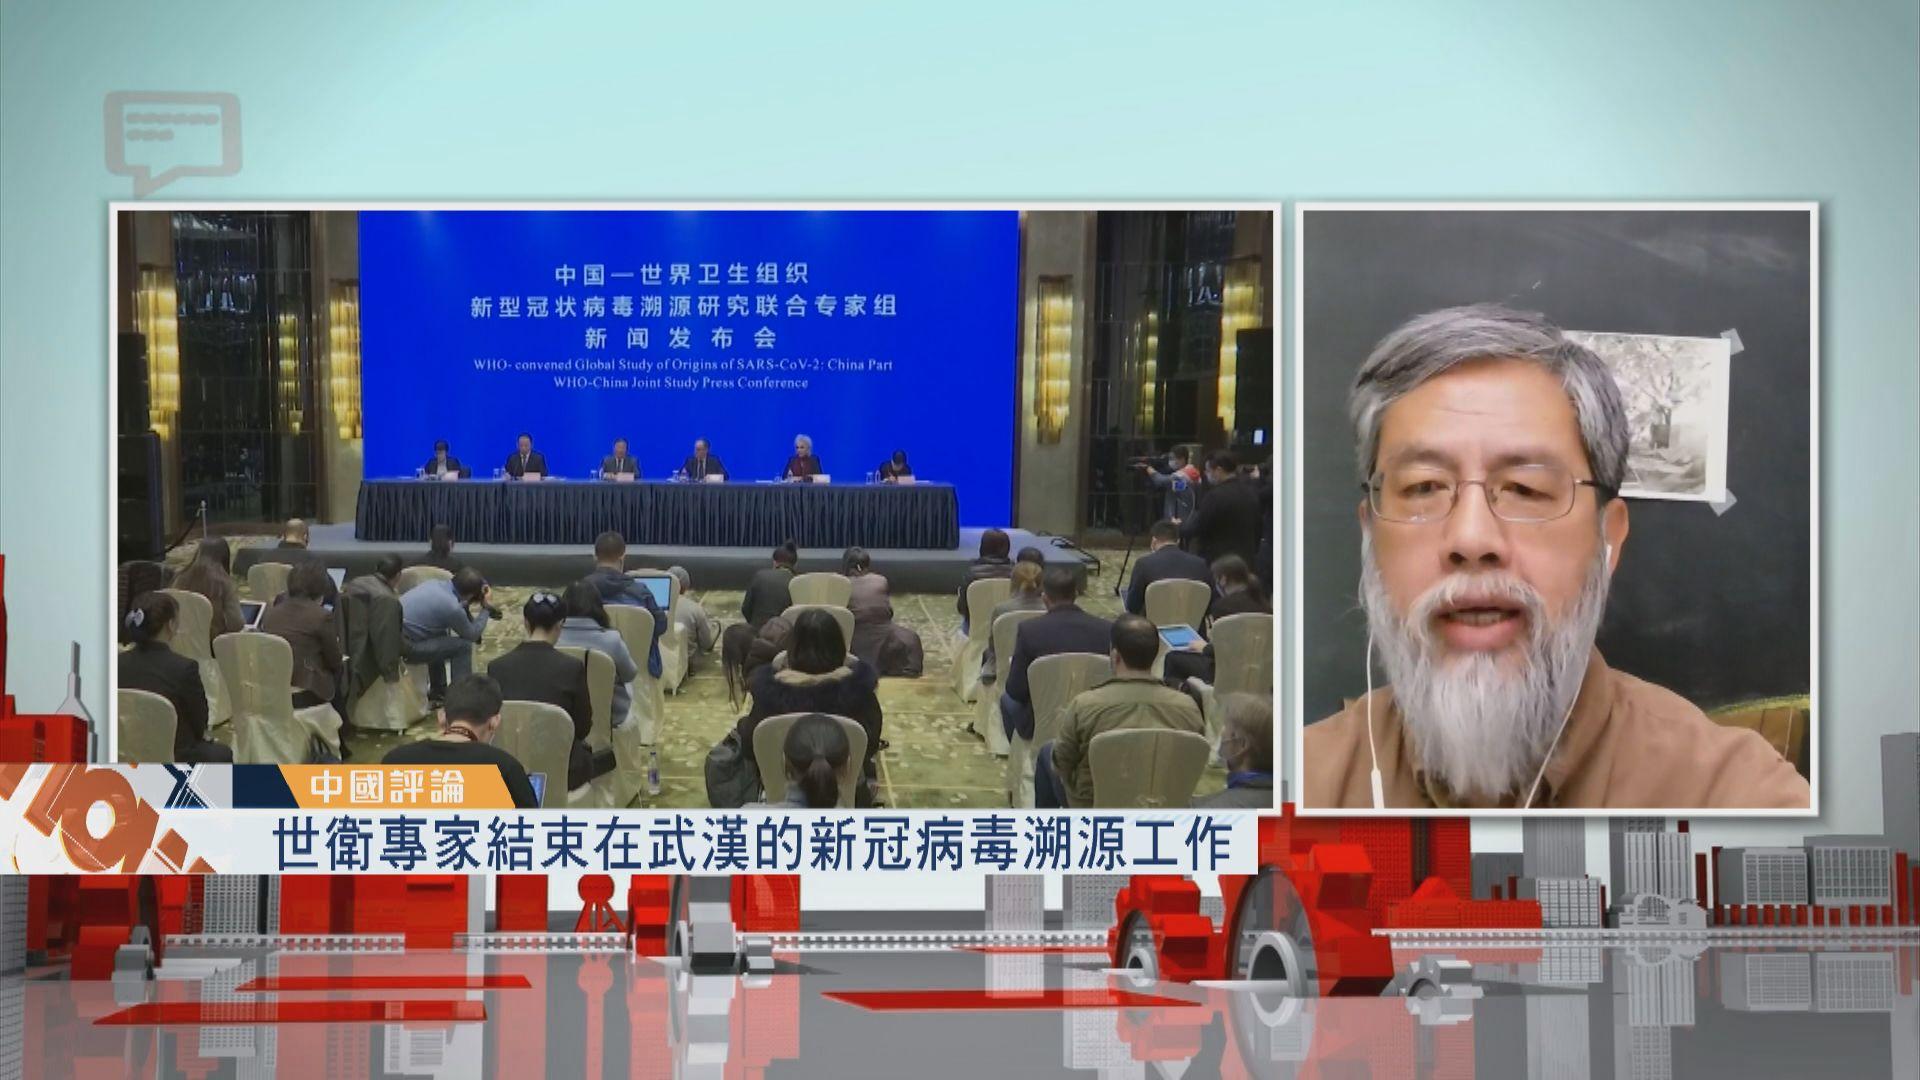 【中國評論】世衛專家結束在武漢的新冠病毒溯源工作